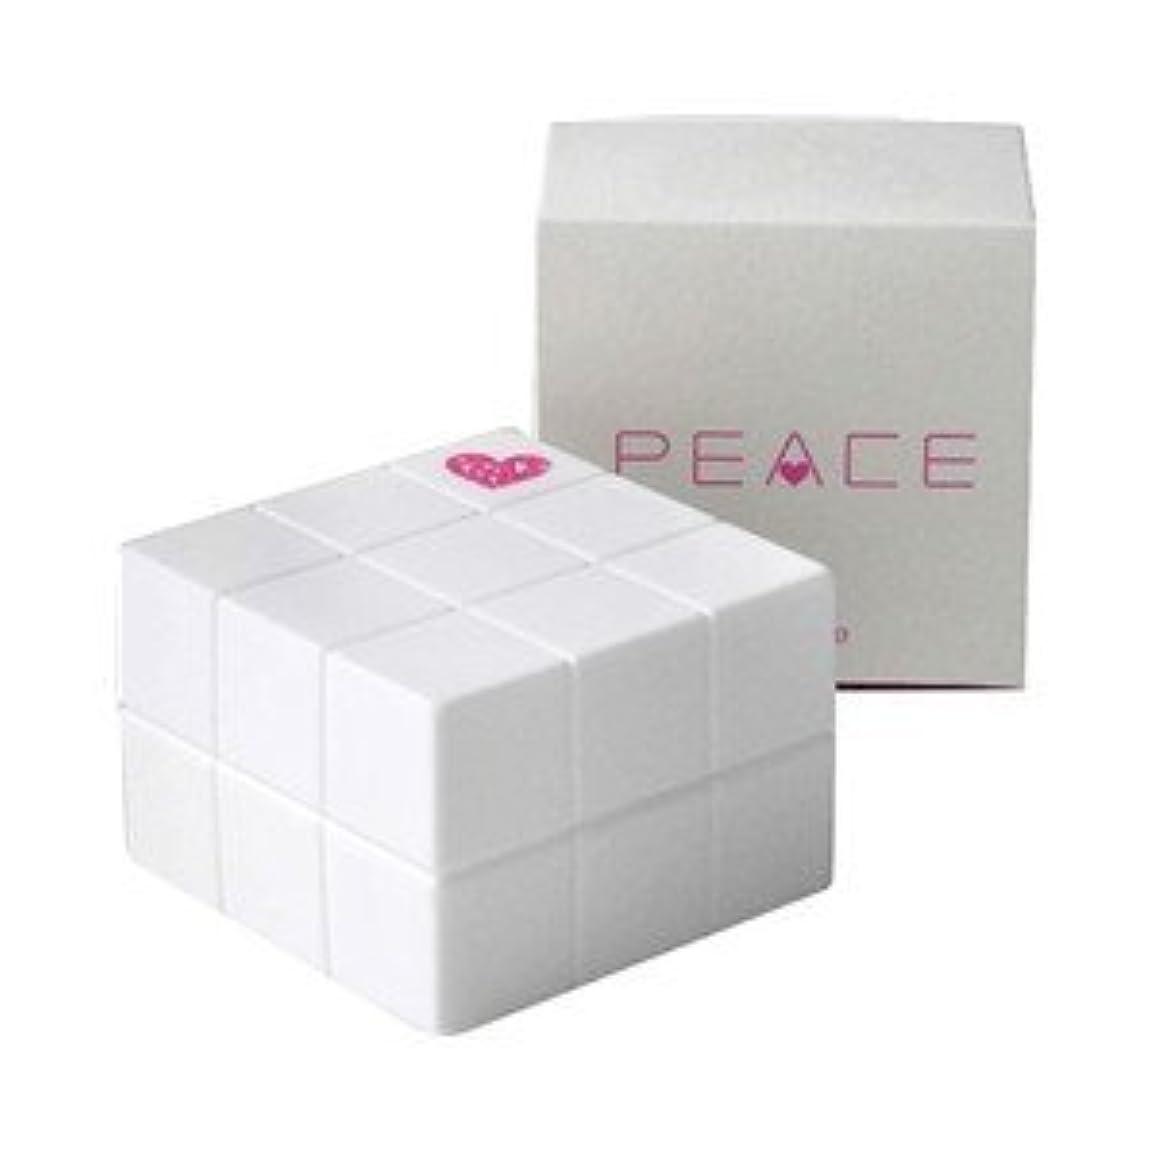 カフェテリア適応するモザイクアリミノ ピース プロデザイン グロスワックス40g ×2個 セット arimino PEACE